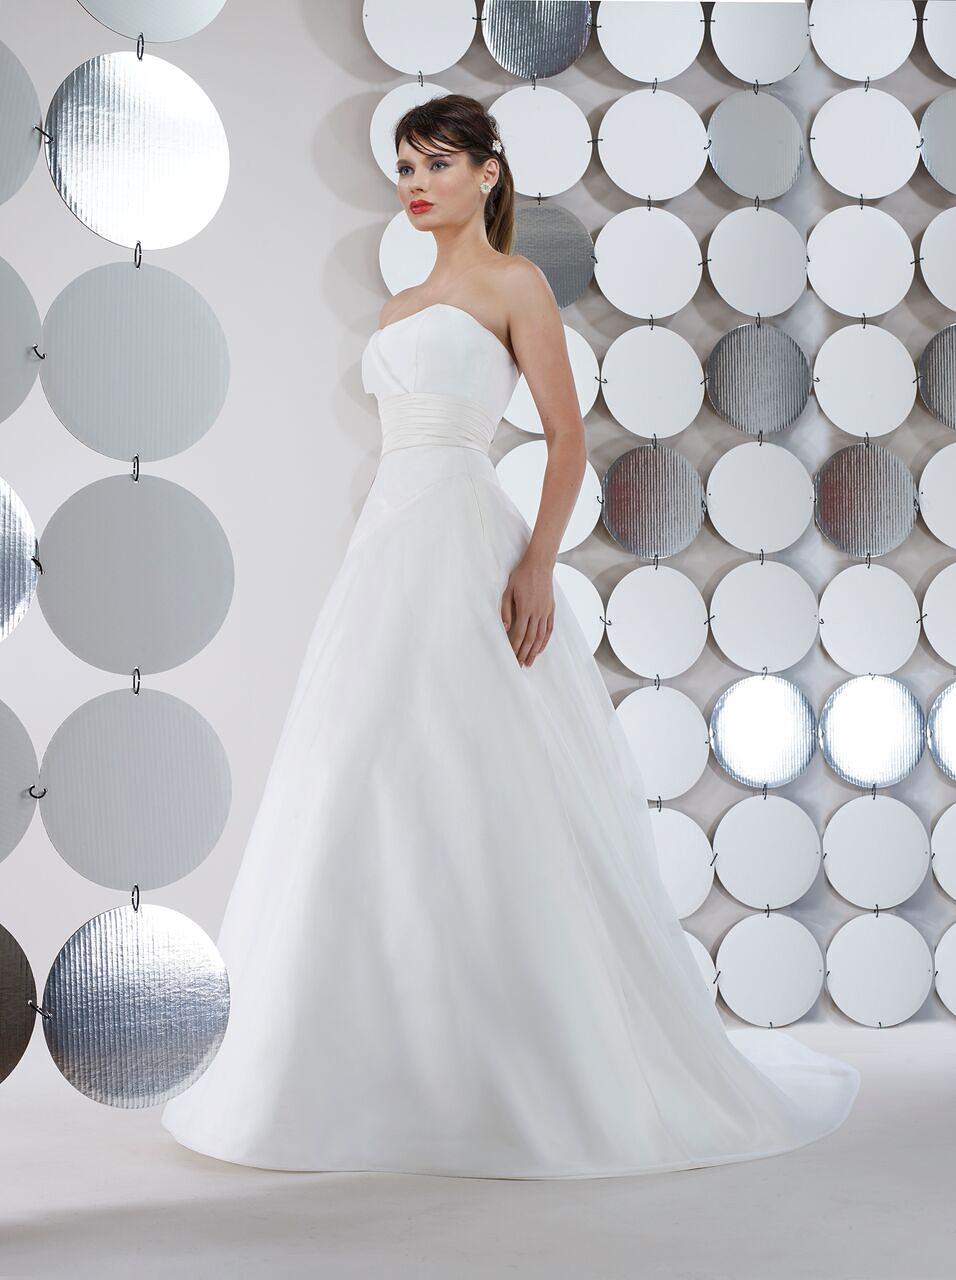 steven birnbaum bridal wedding dress fall 2018 strapless ballgown